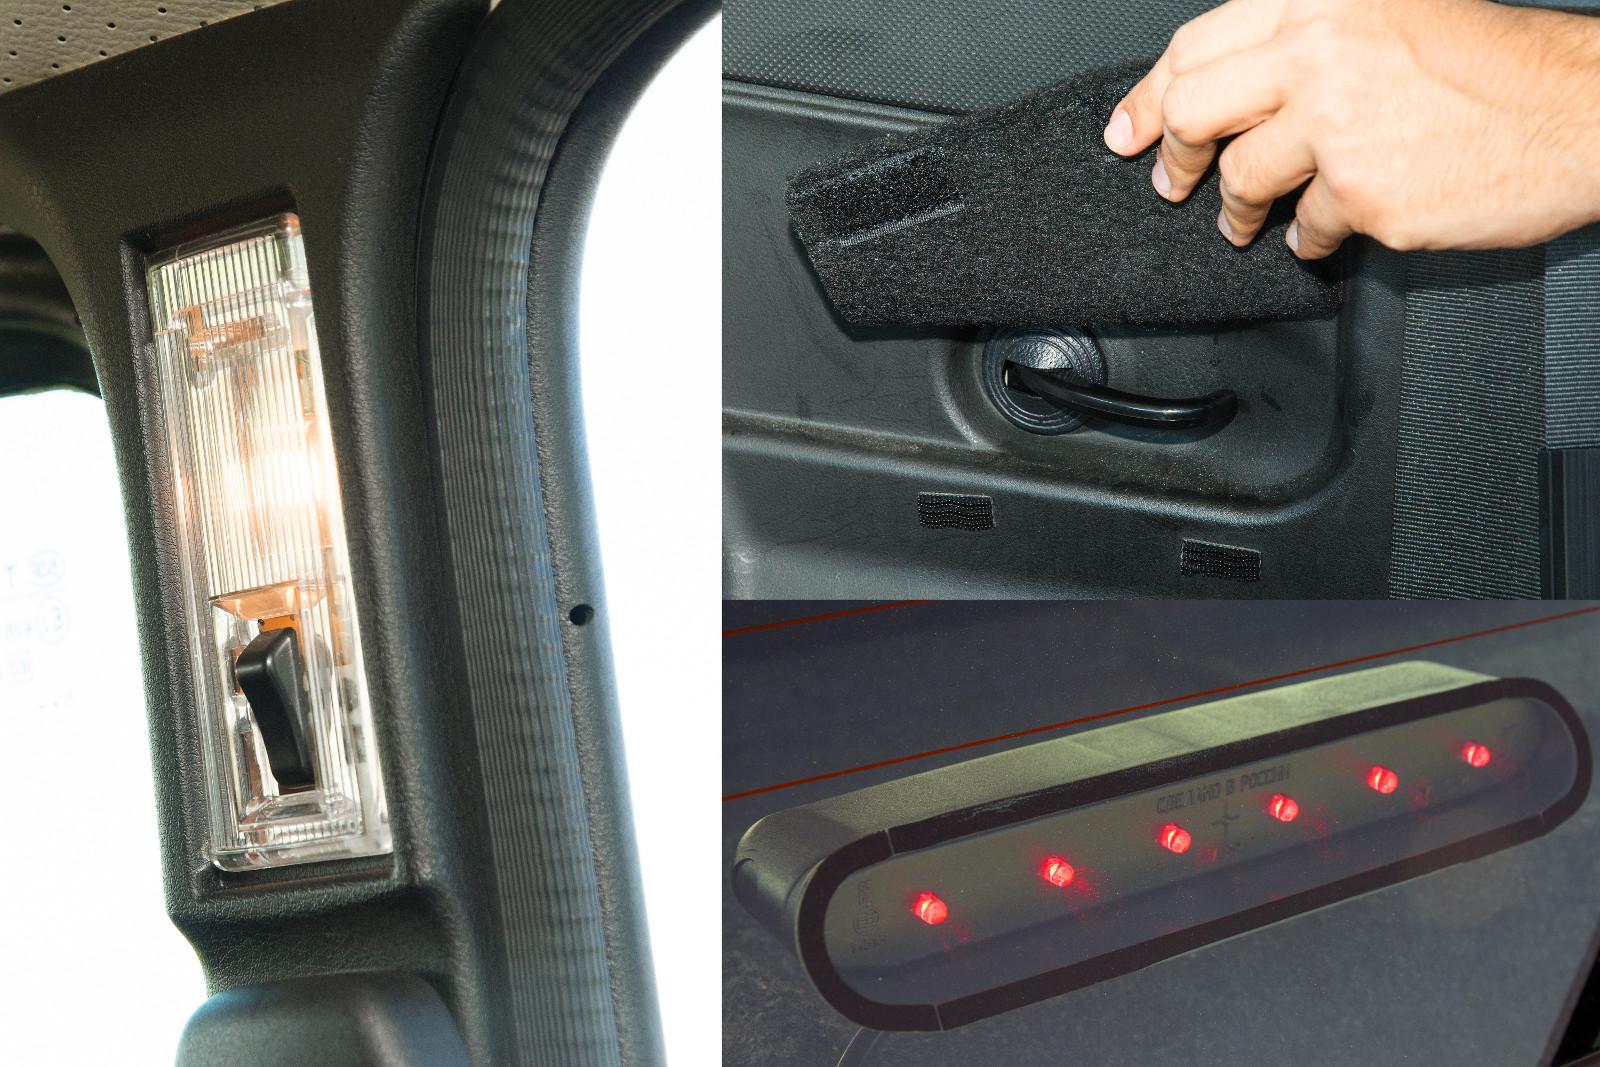 Tépőzáras filc takarja a csomagtérnyitót. Régi a belső világítás, új az üvegre ragasztott, barkácsolt hatást keltő pótféklámpa